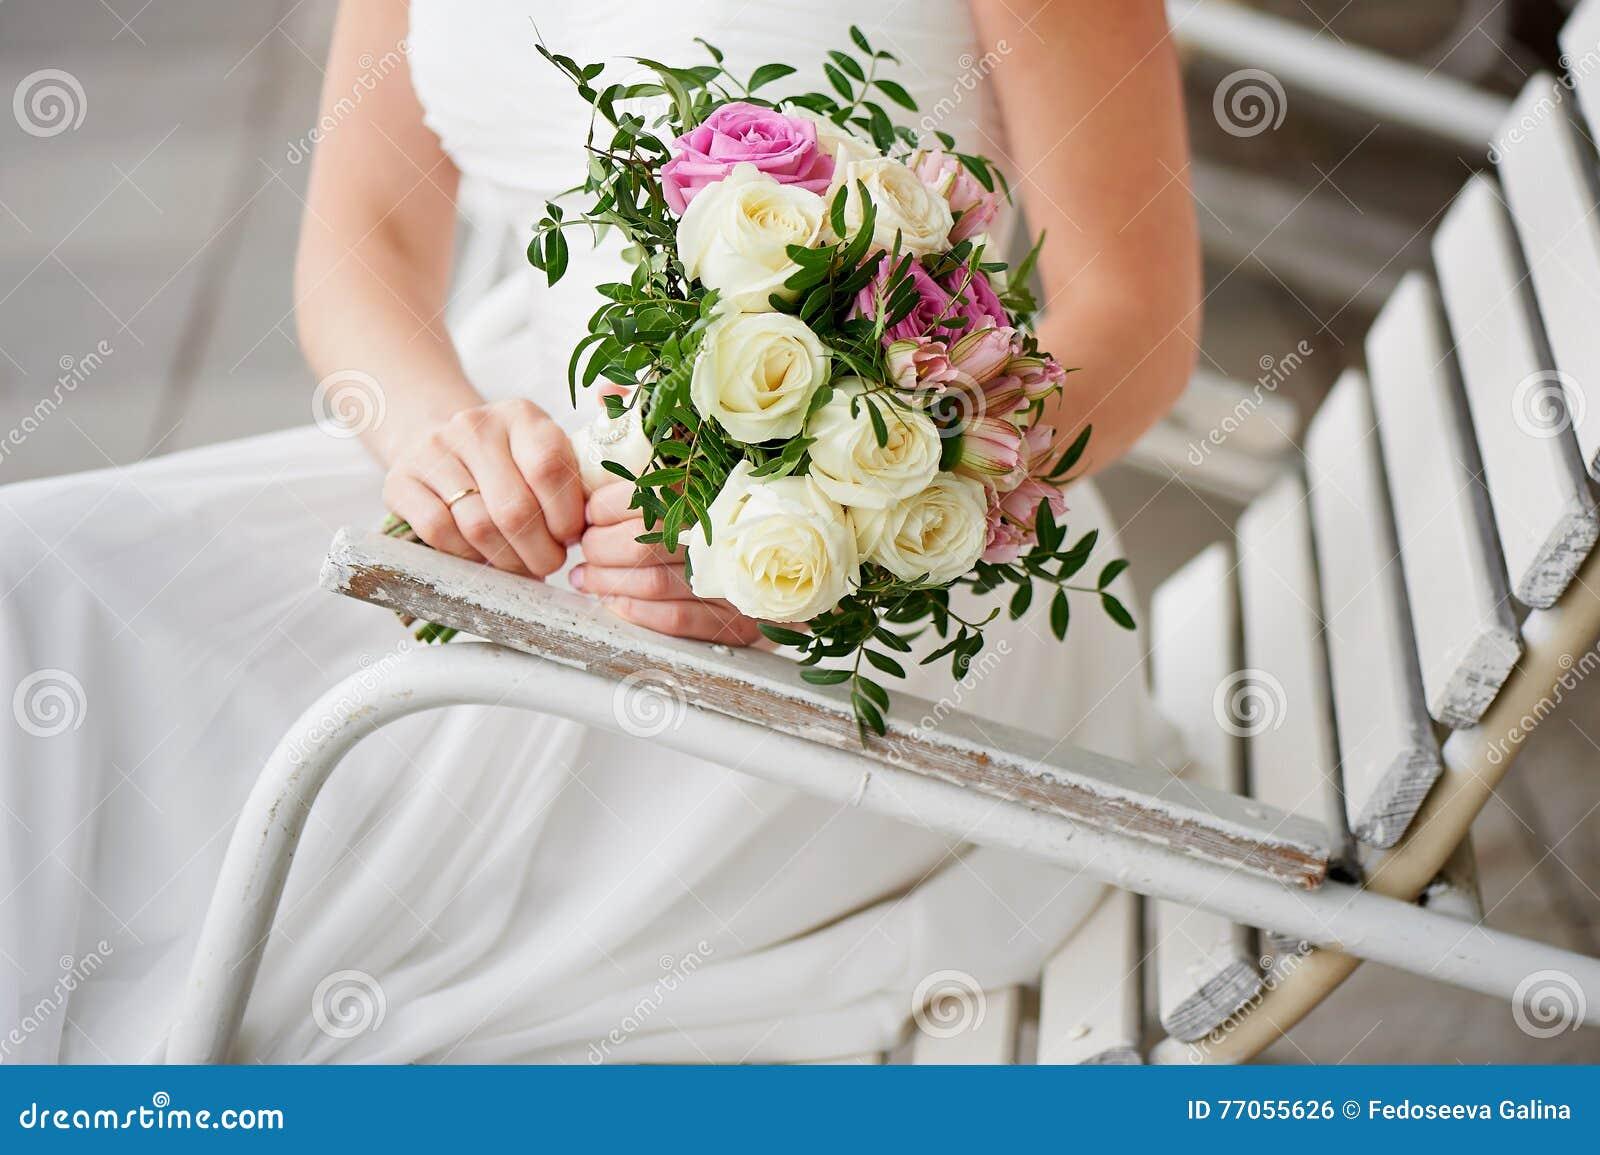 Hochzeitsblumenstrauss In Den Handen Der Braut Empfindliche Farben